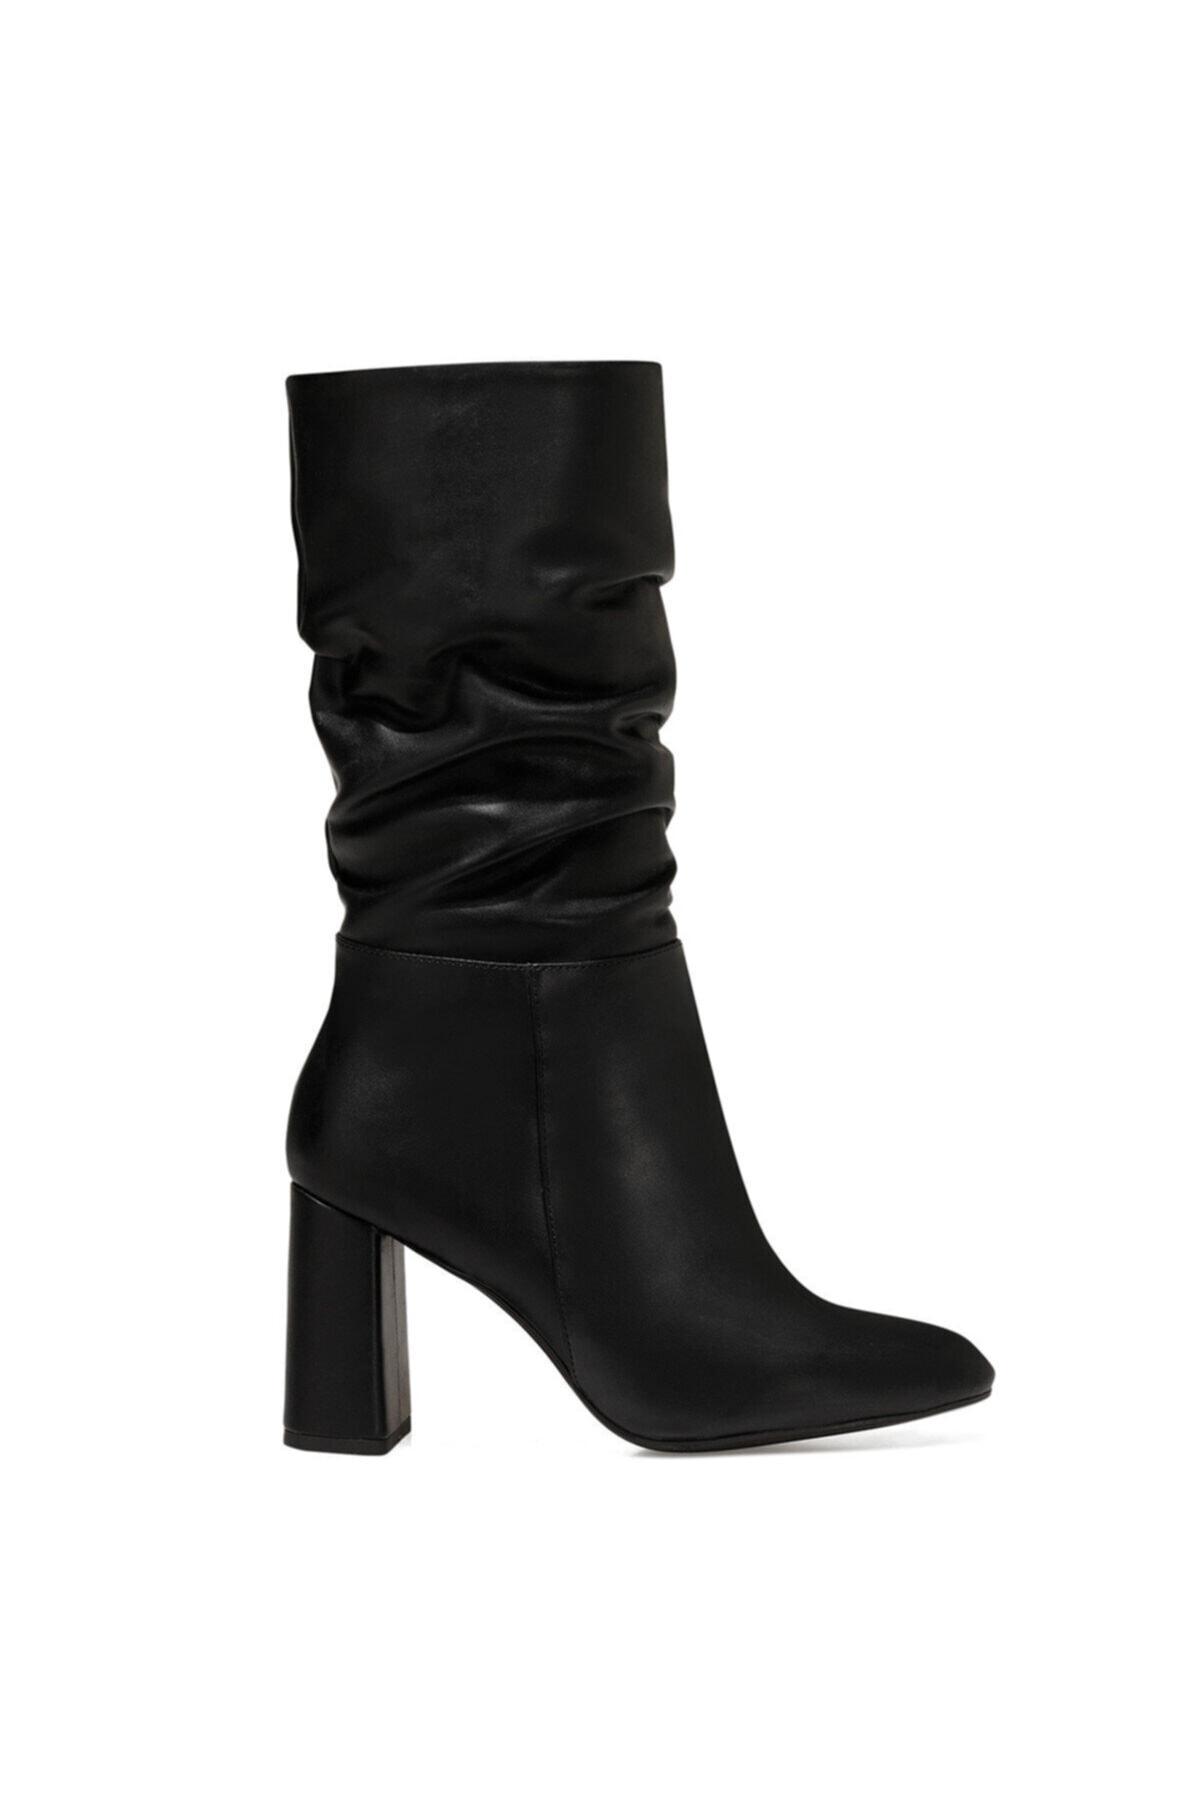 Nine West UMBRIA Siyah Kadın Ökçeli Çizme 100582154 1